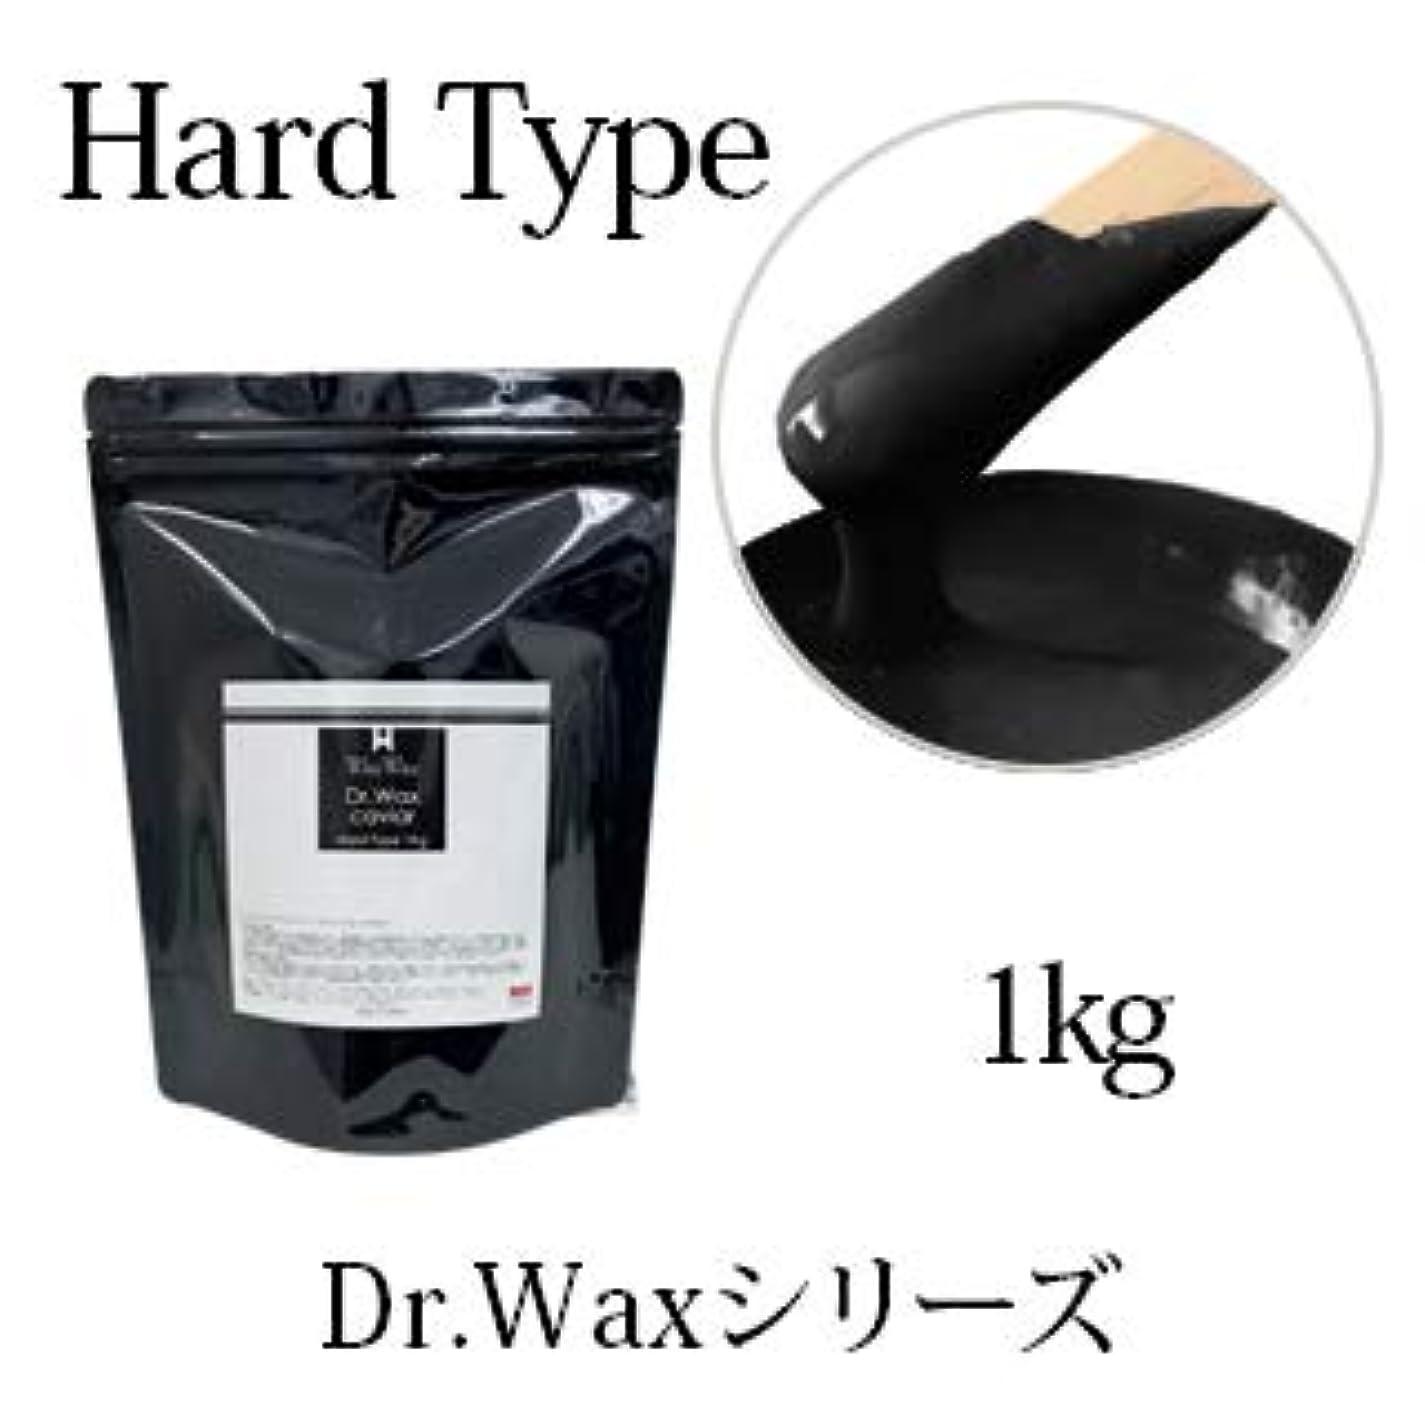 ご予約ユニークなハードウェア【Dr.waxシリーズ】ワックス脱毛 粒タイプ 紙を使用しない ハードワックス (キャビア 1kg)